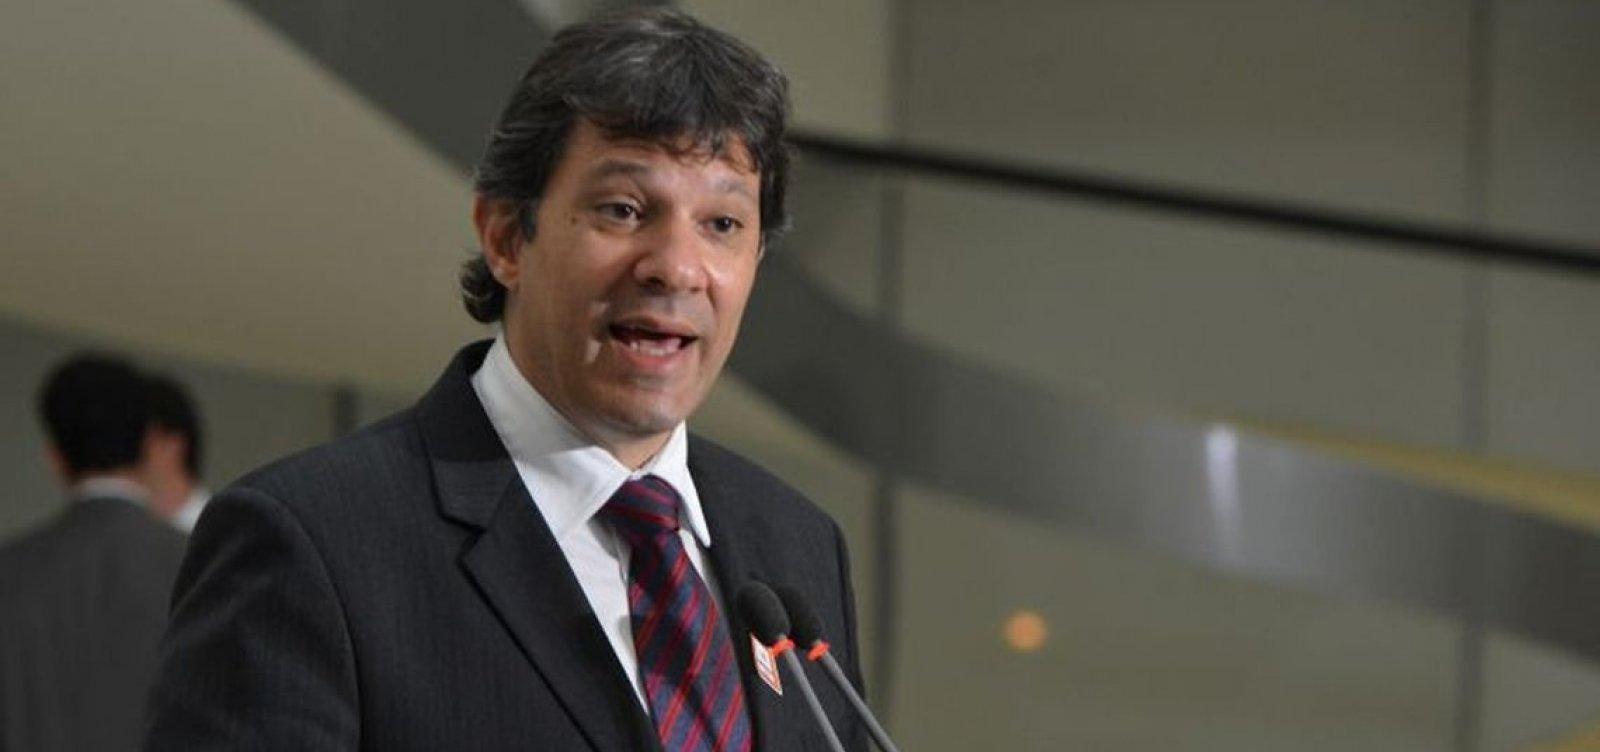 Haddad diz que Cid Gomes deve declarar apoio explícito até dia 28